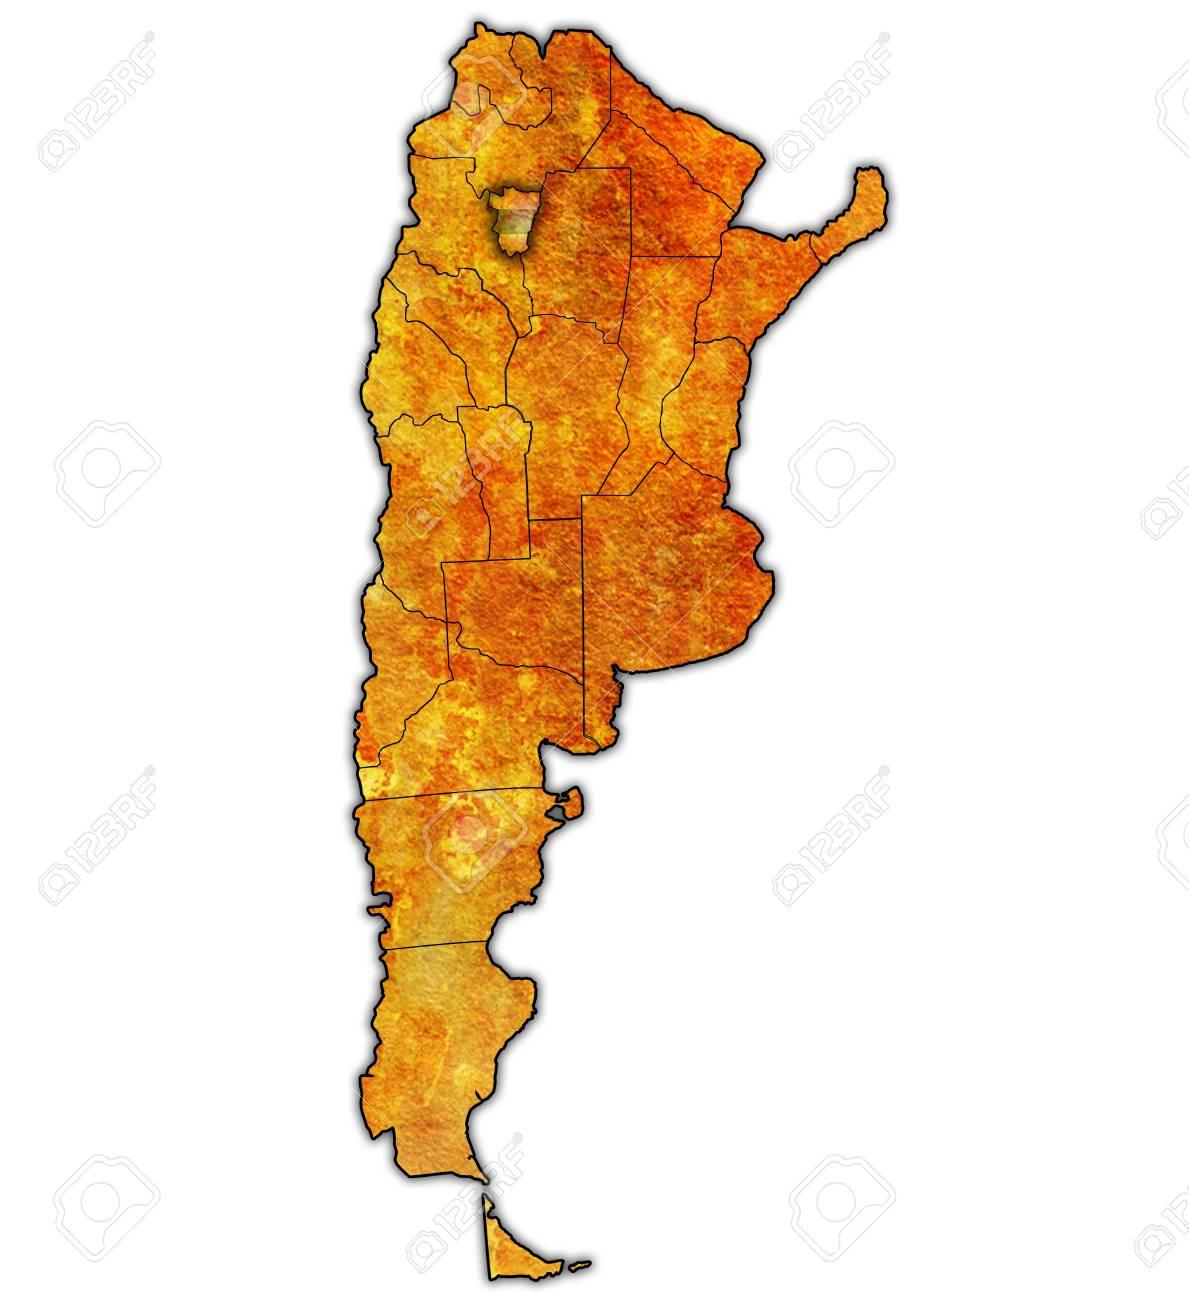 アルゼンチンの地方行政区画のマ...